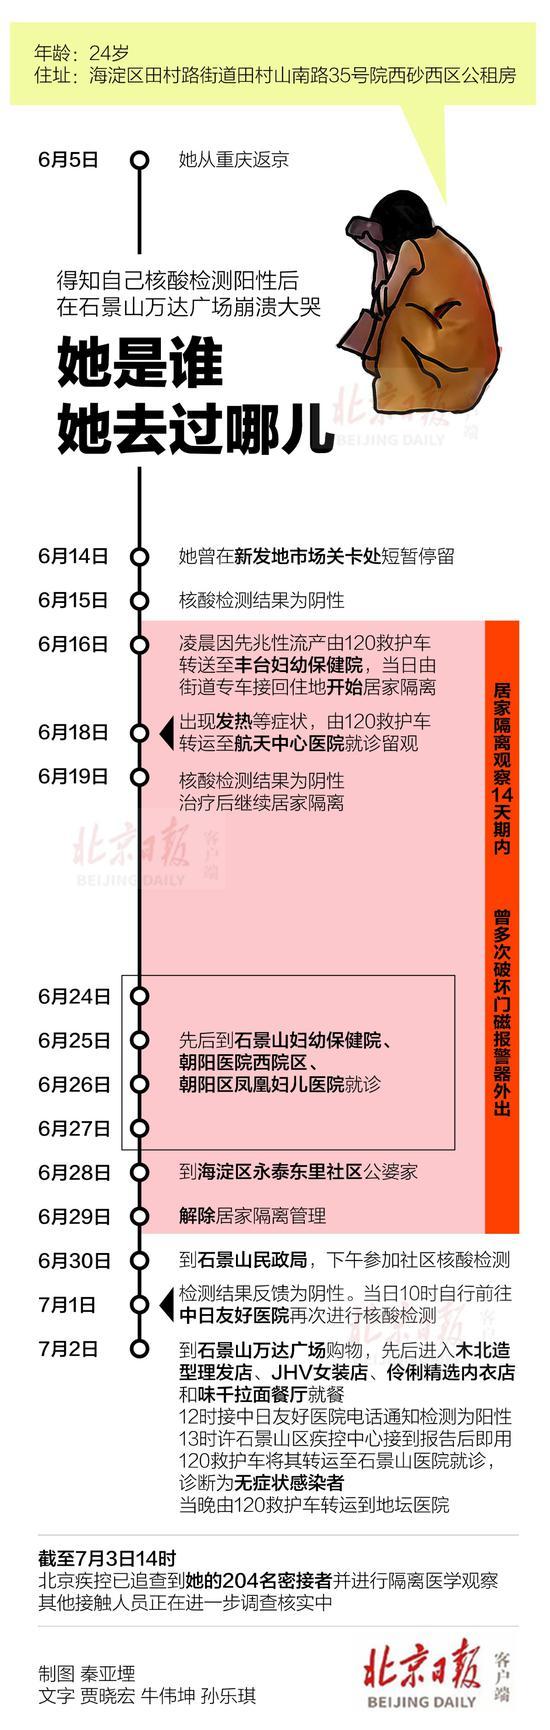 「摩天注册」图了解昨日无摩天注册症状感染者行动轨迹图片